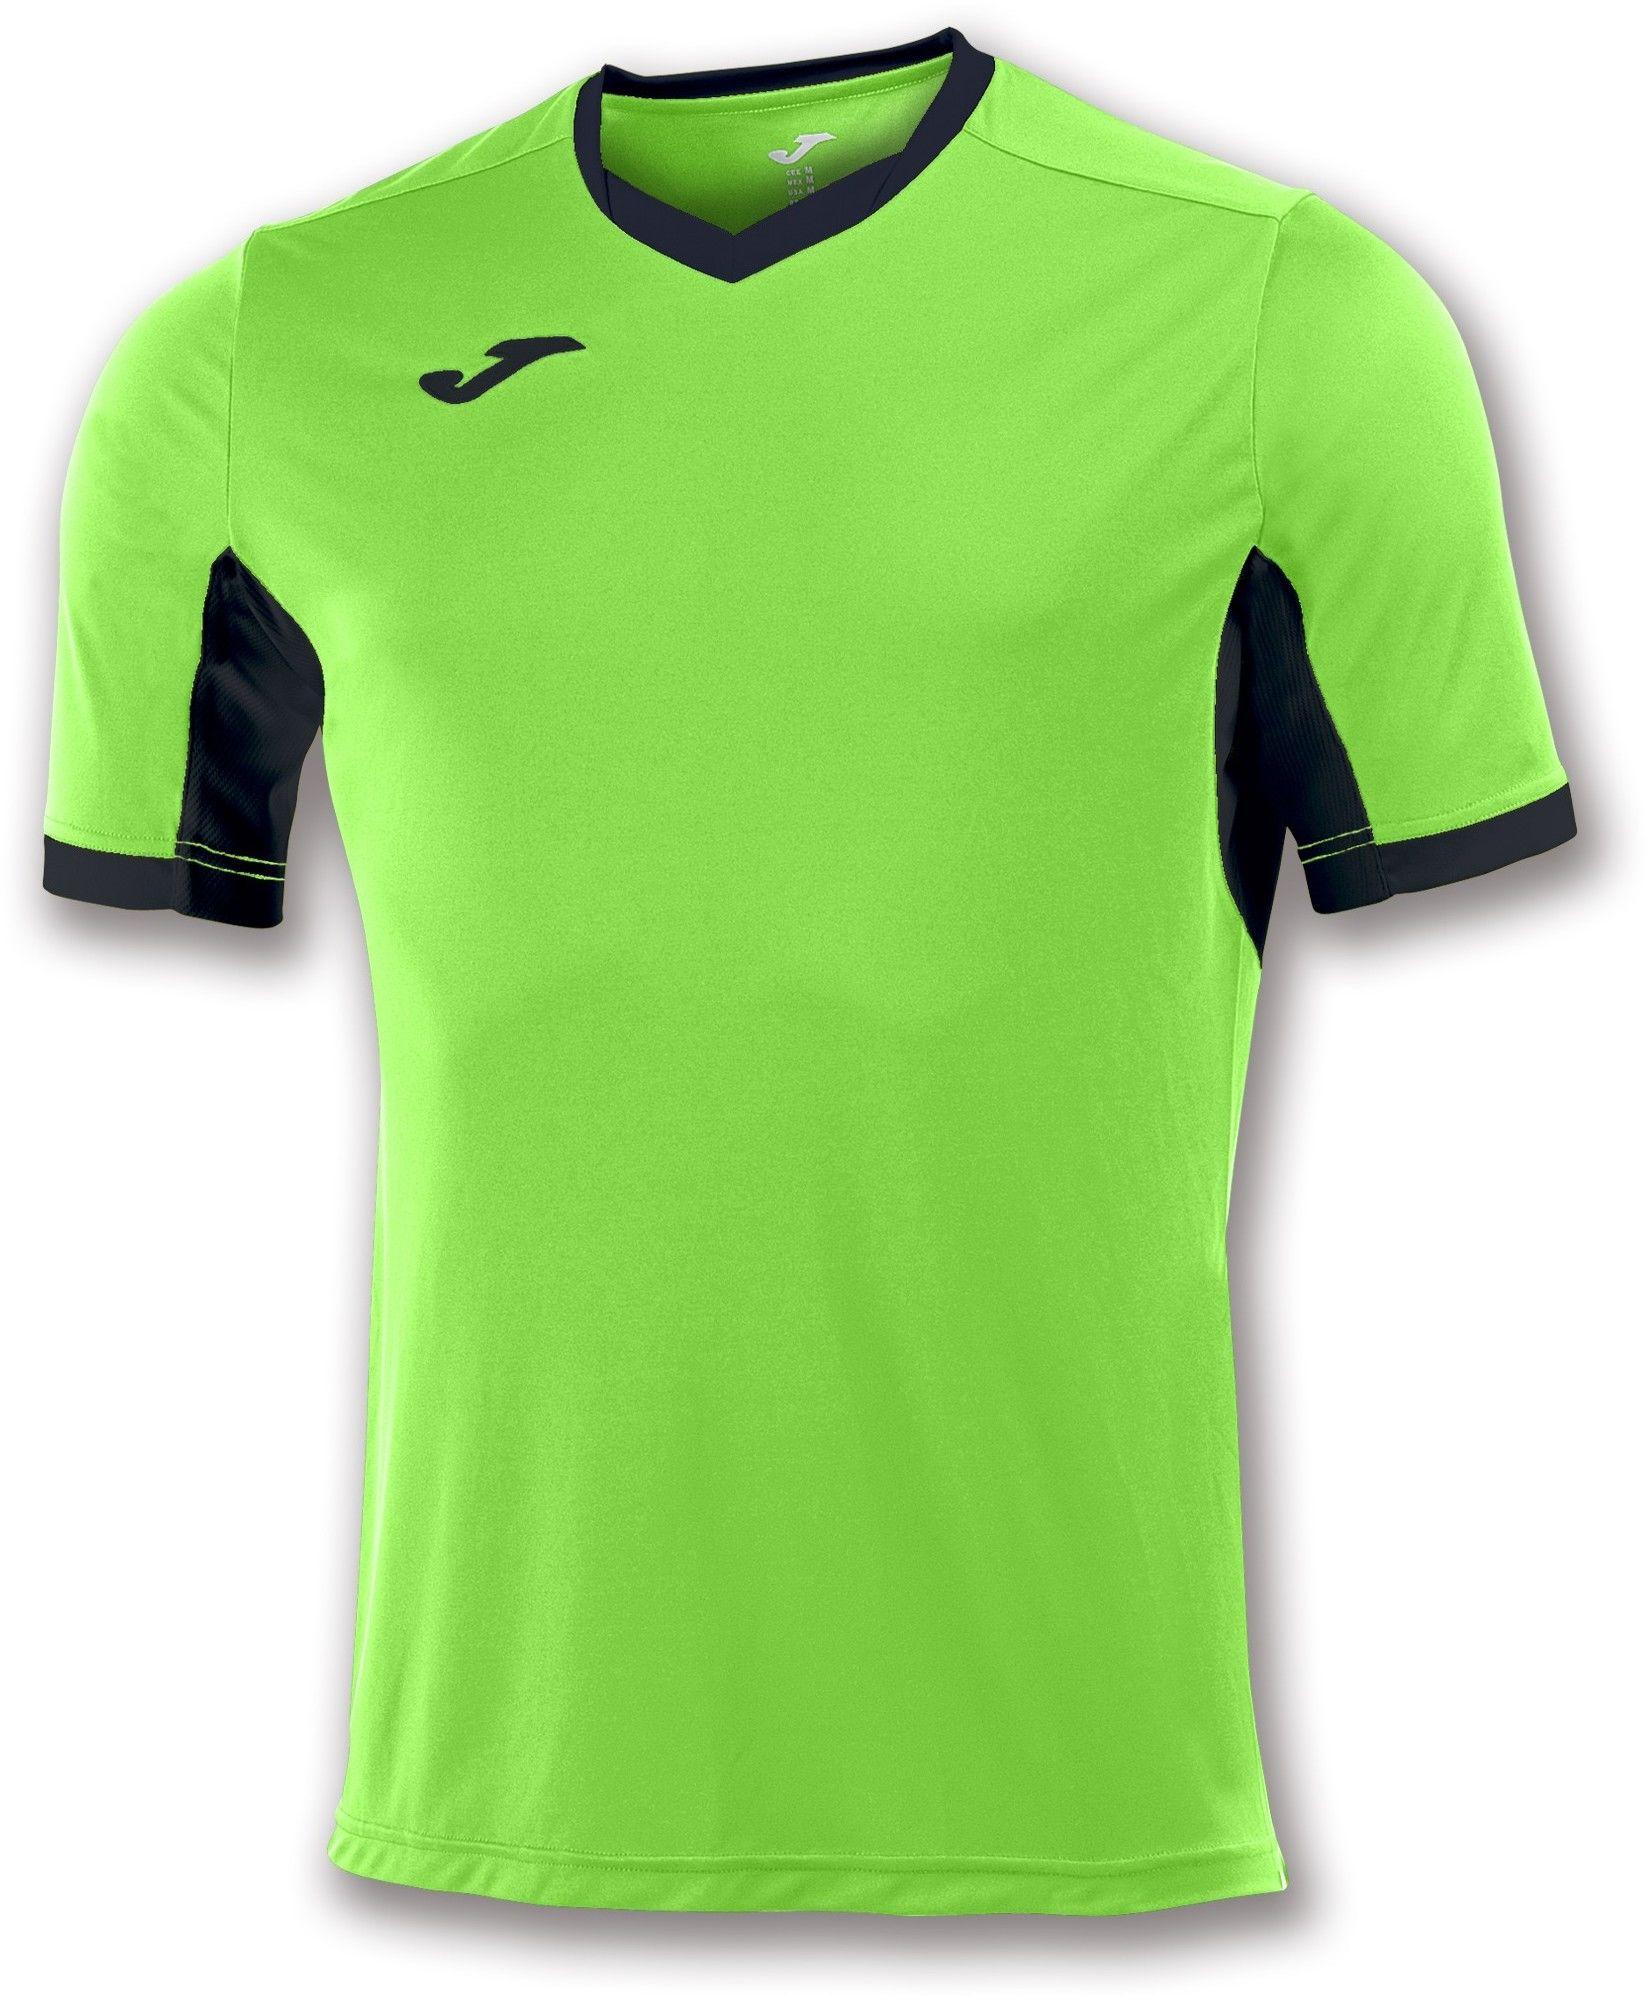 Koszulka Joma Champion IV green fluor/black (10 szt.)